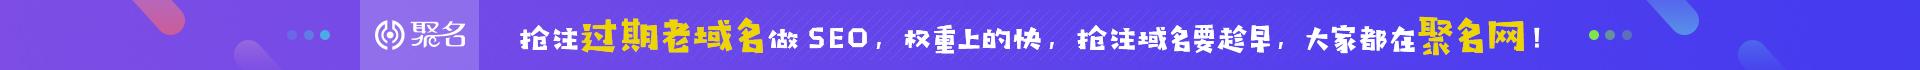 抢注过期老域名,做seo,权 重上的快,抢注域名要趁早,大家都在聚名网